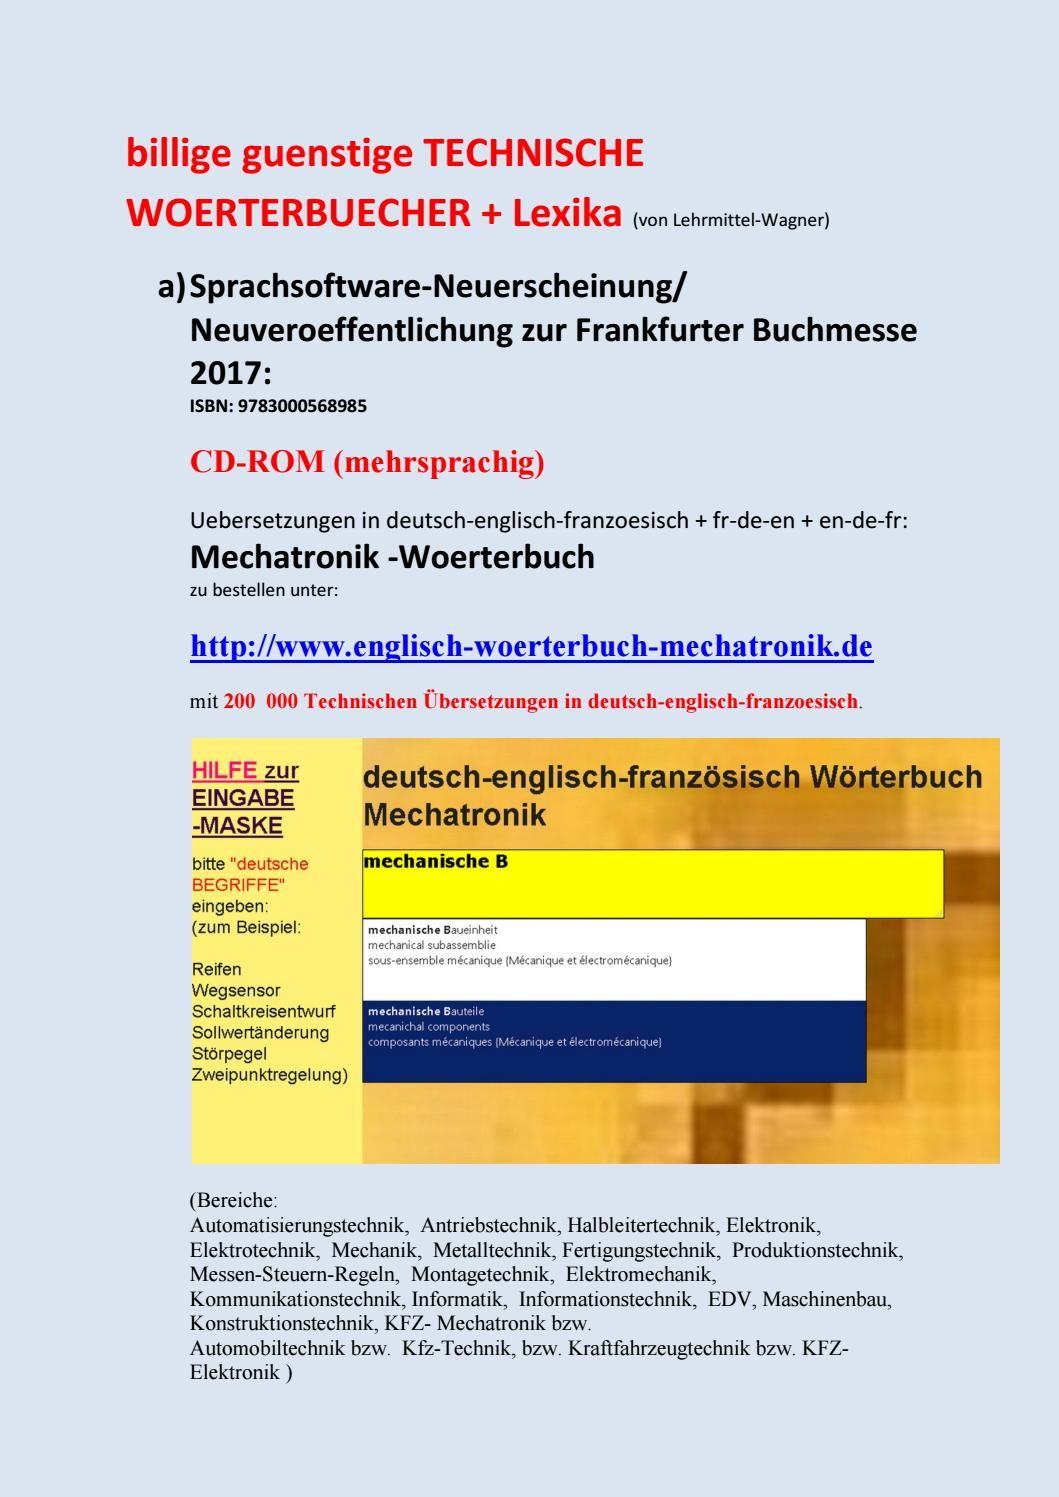 Technische Woerterbuecher Englisch Franzosisch Technisches Englisch Worterbuch